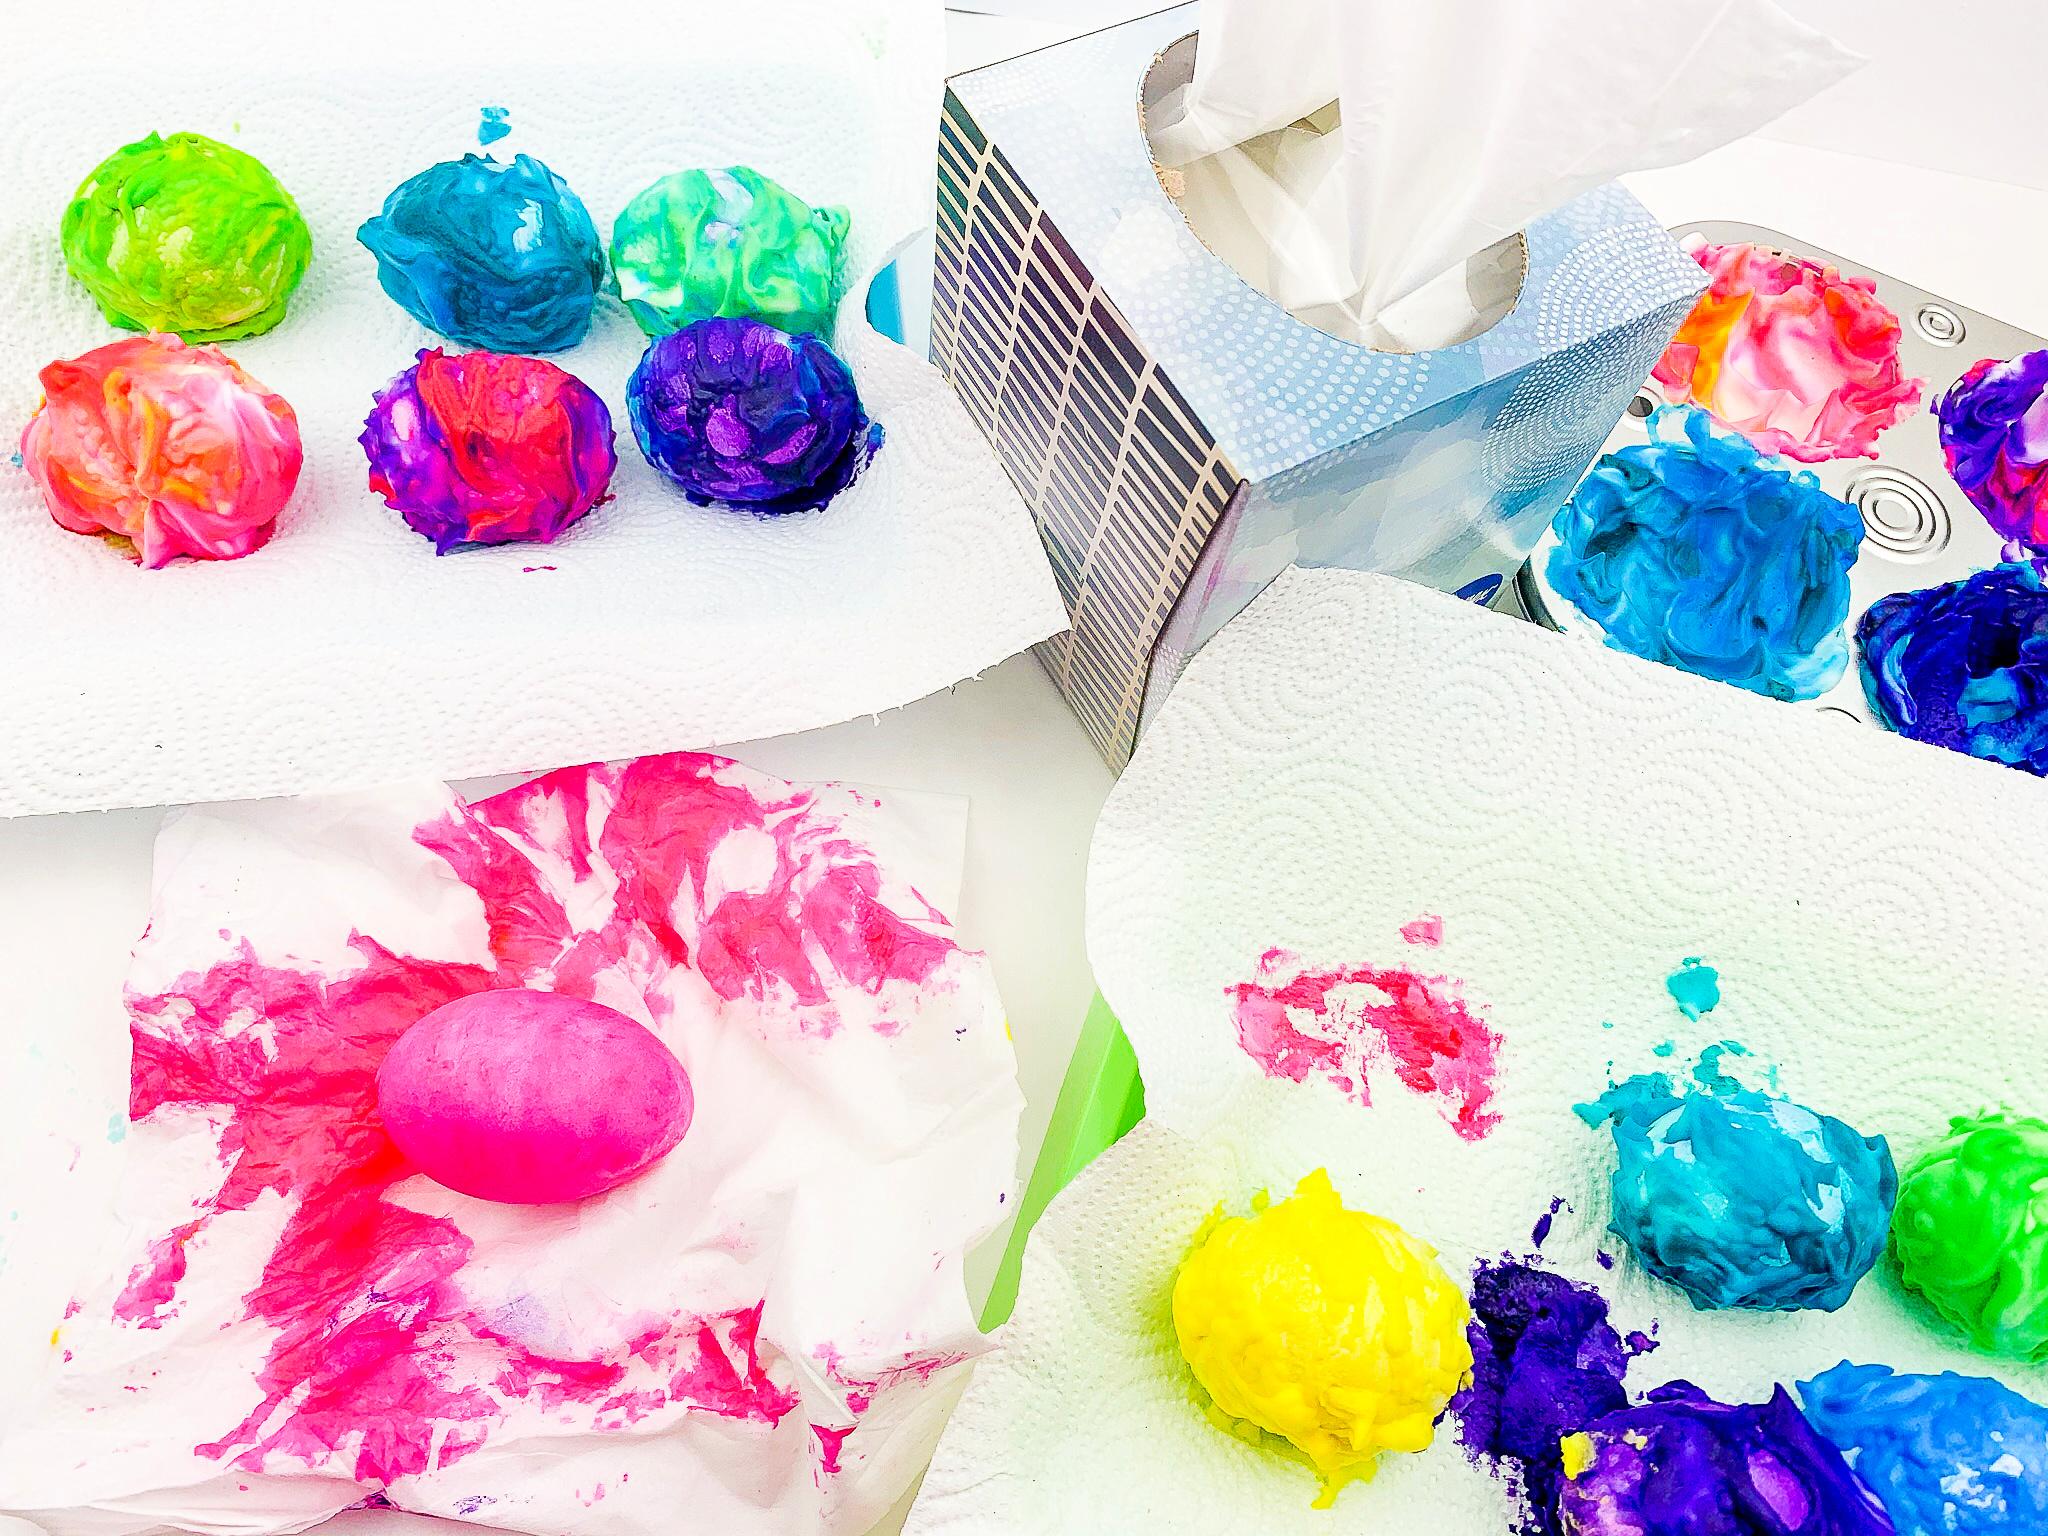 shaving cream dyed eggs